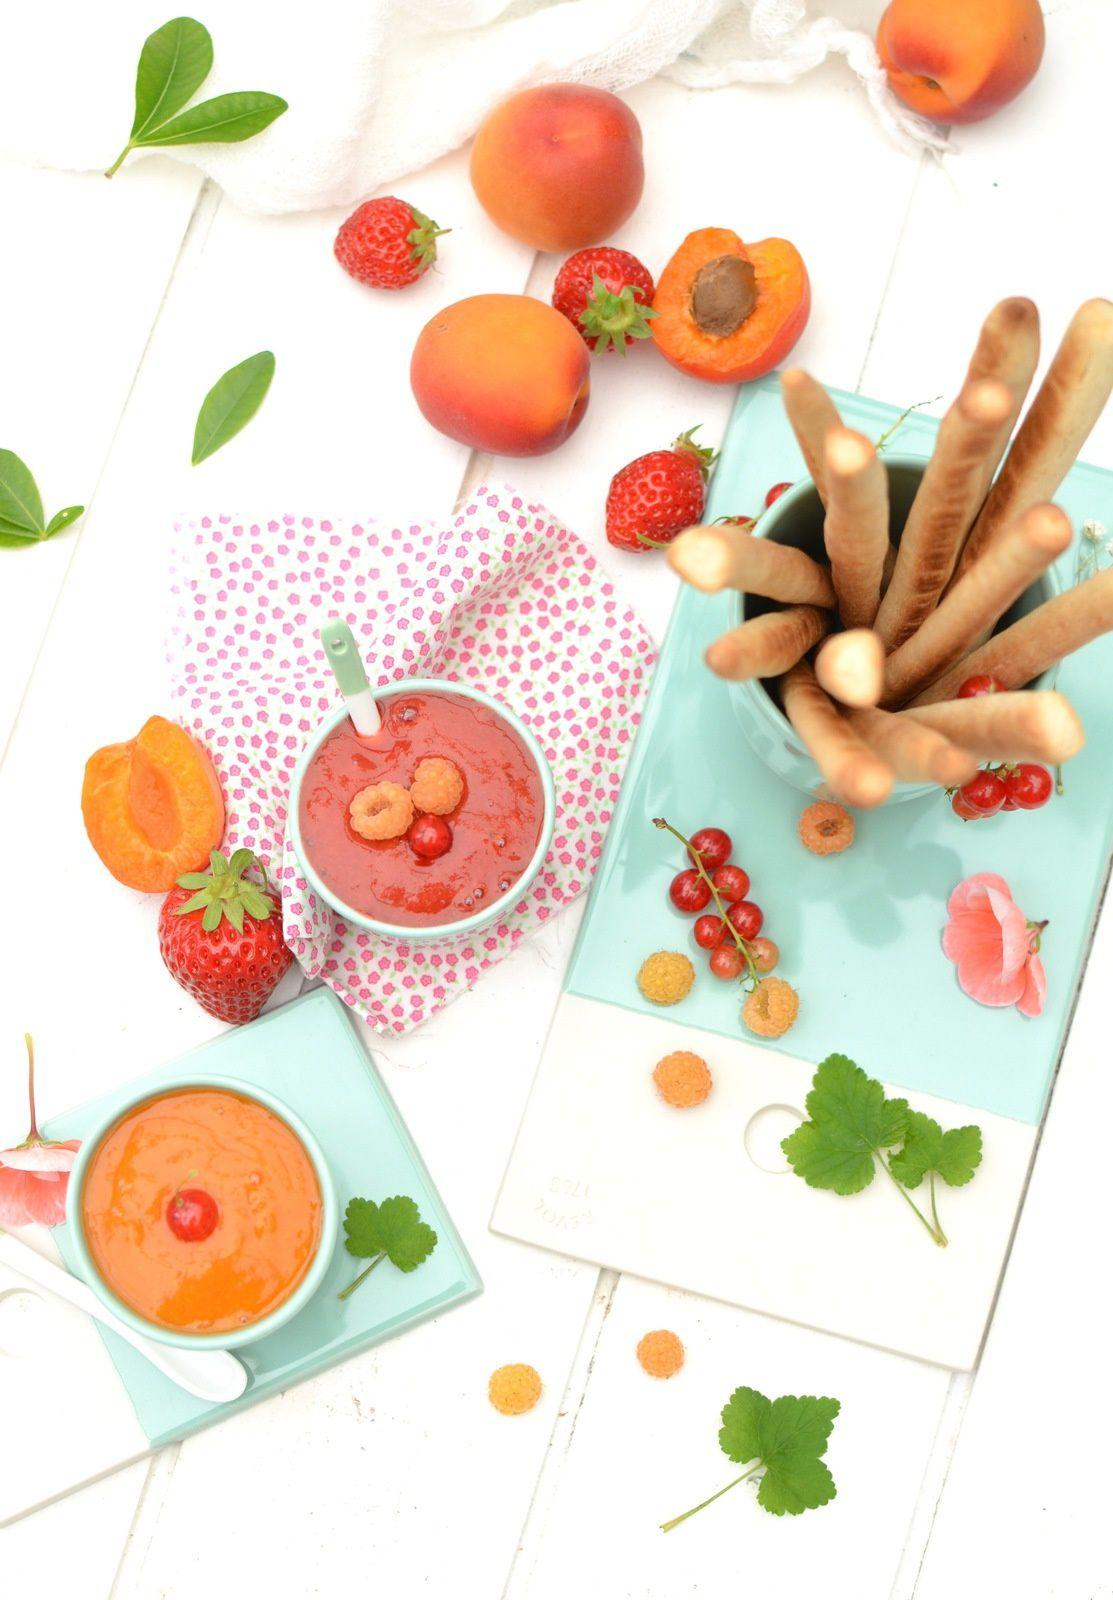 Les recettes de Juliette : un blog qui va faire frémir vos papilles !